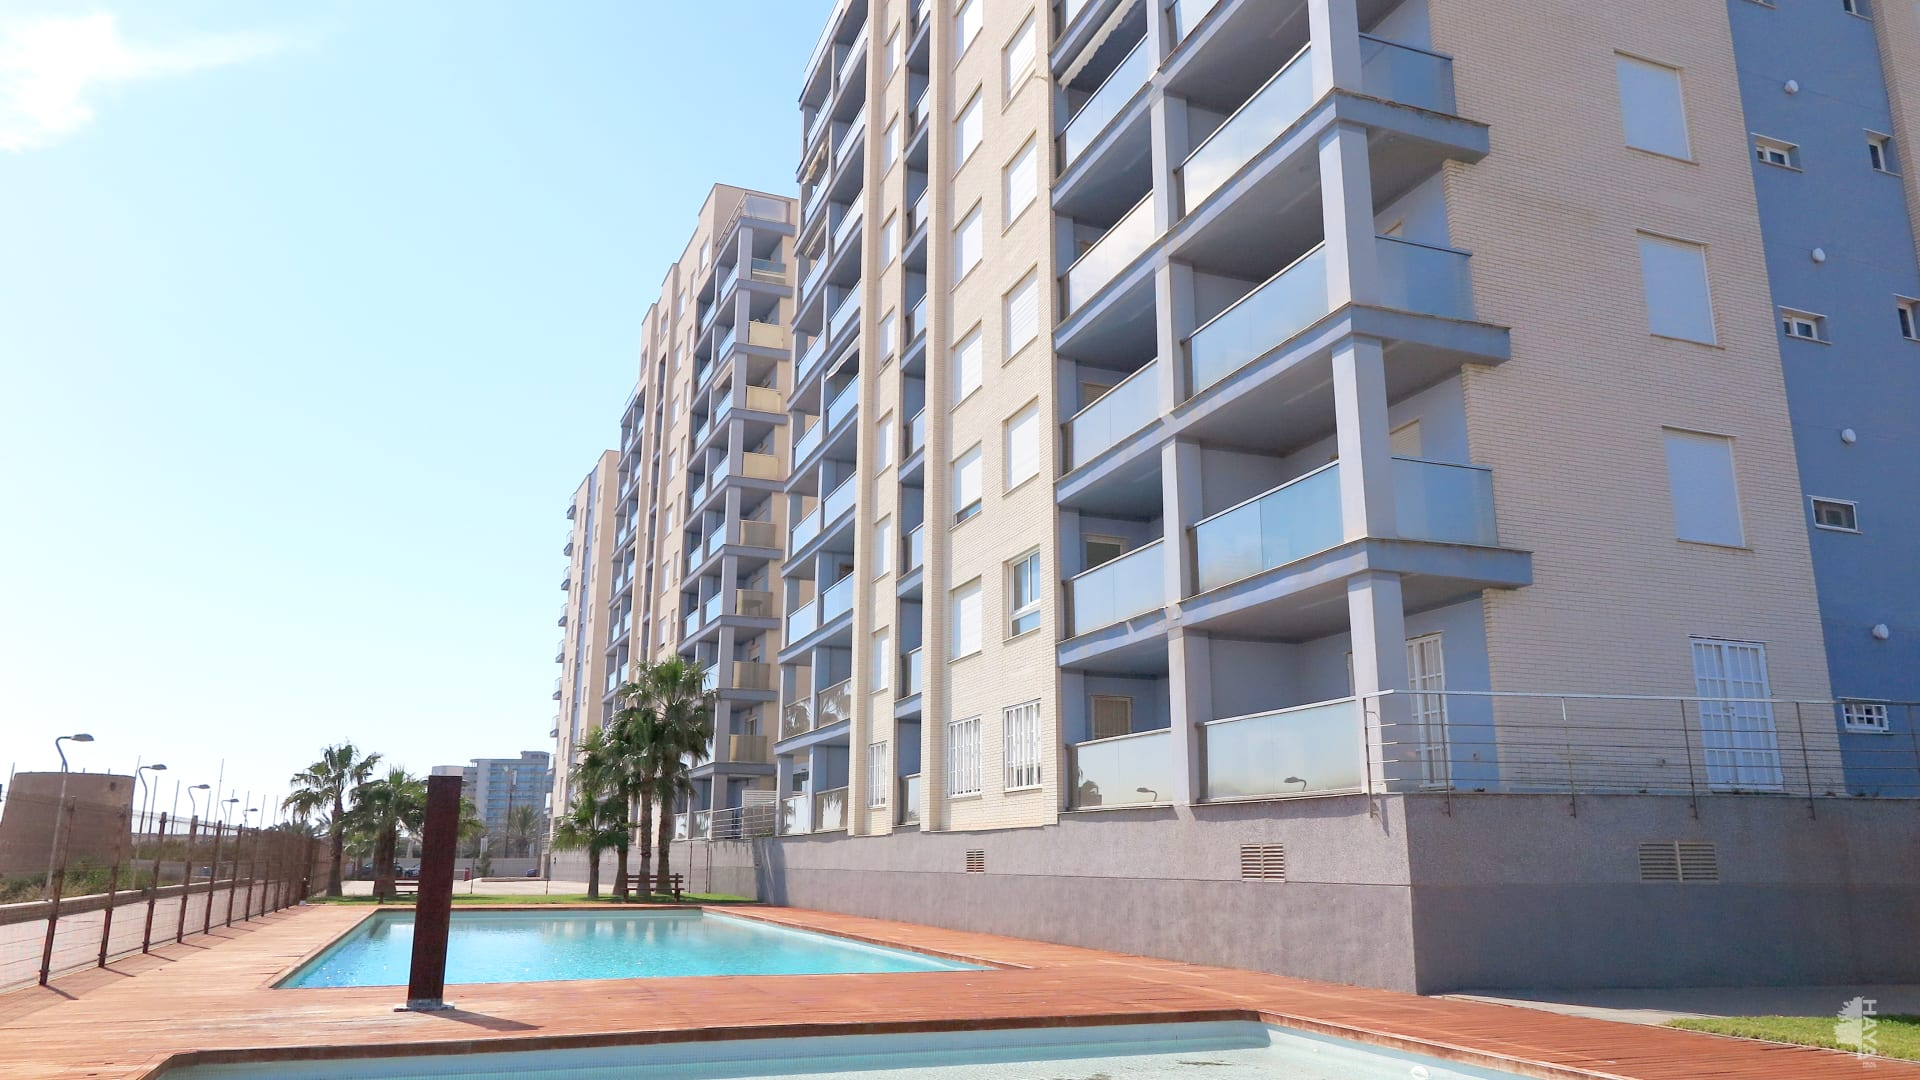 Piso en venta en San Javier, Murcia, Calle Prolongación Pol F. Conj Resid. Veneziola Golf Ii, 127.000 €, 2 habitaciones, 2 baños, 62 m2